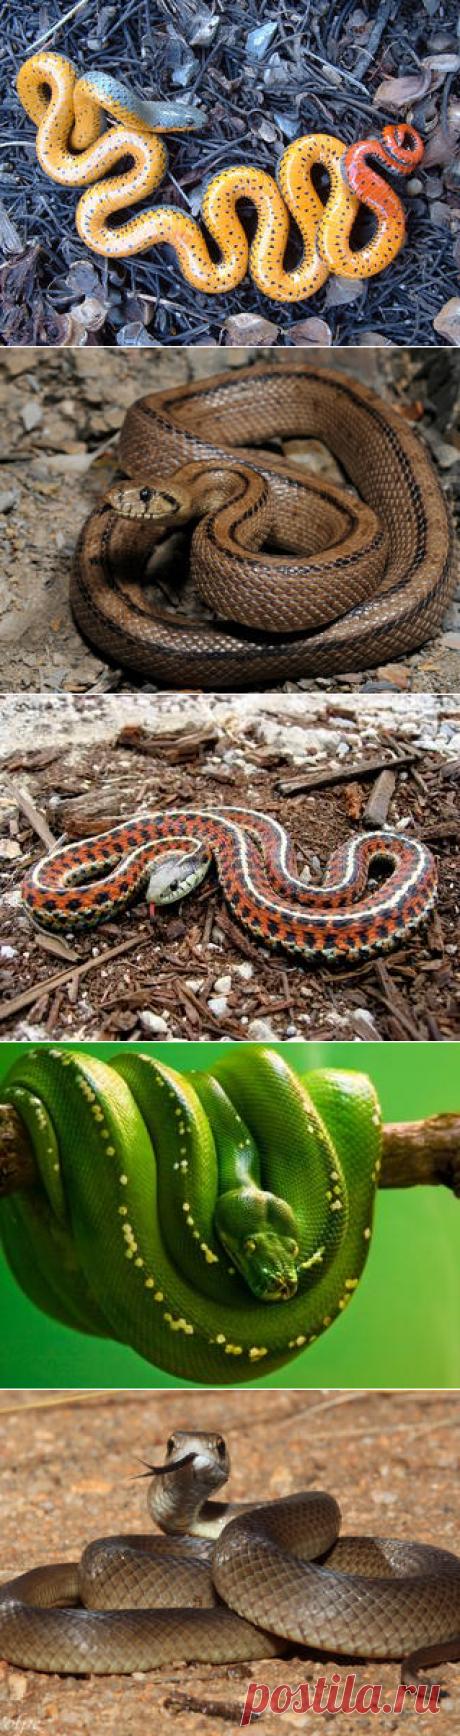 Смотреть изображения змей | Зооляндия